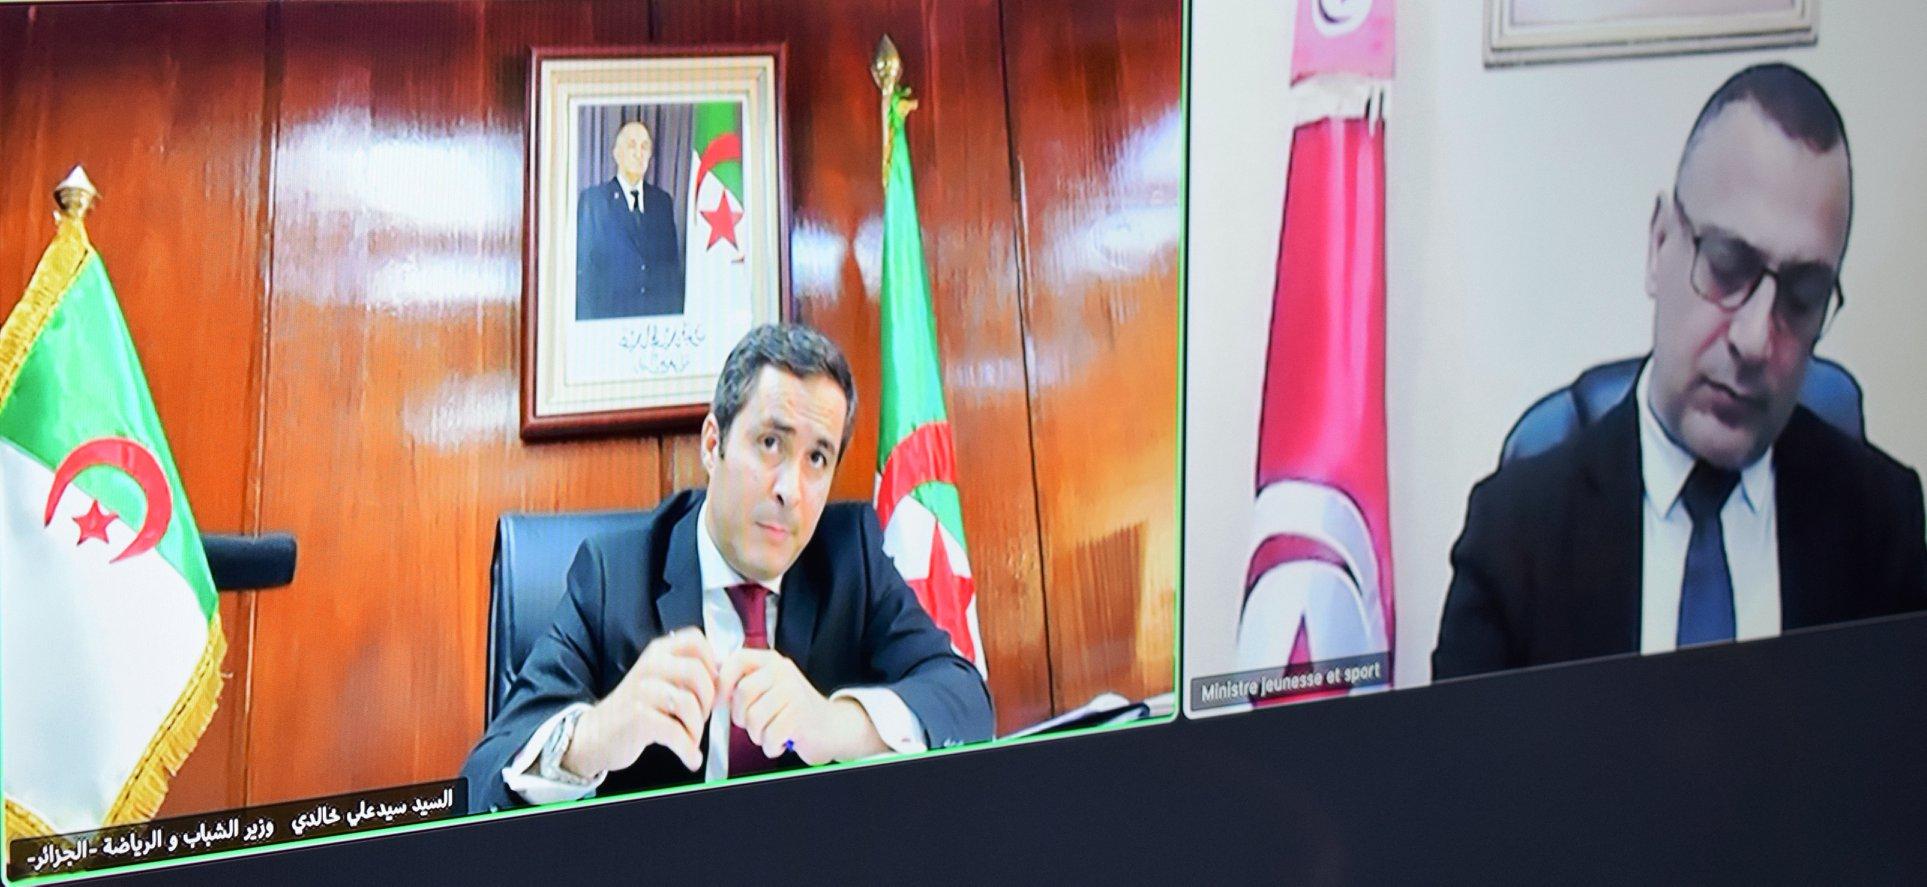 صورة التنسيق في مجالي الشباب والرياضة بين الجزائر وتونس